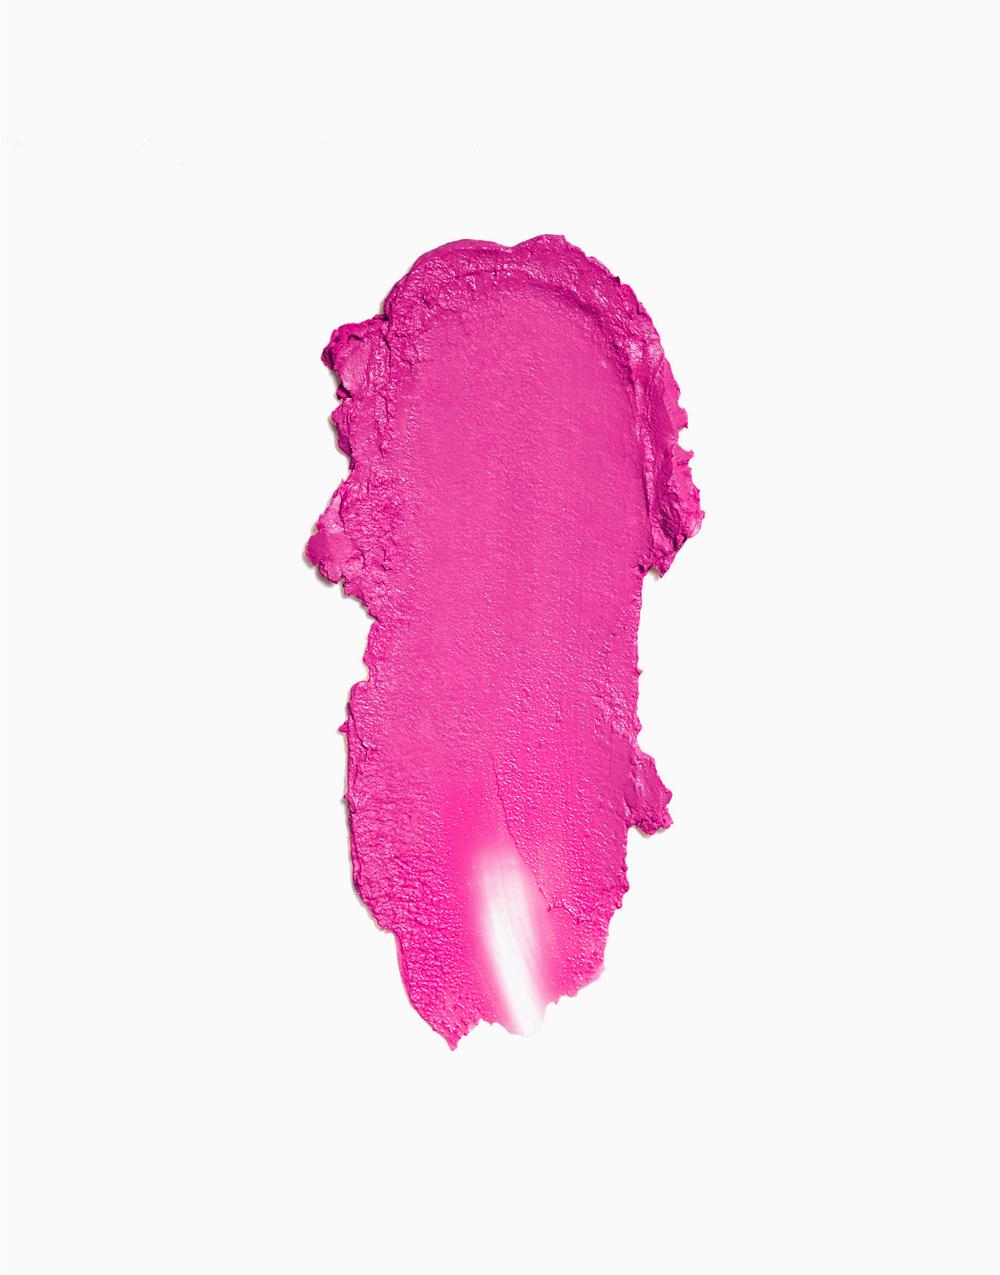 Exhibitionist Cream Lipstick by CoverGirl   Spellbound